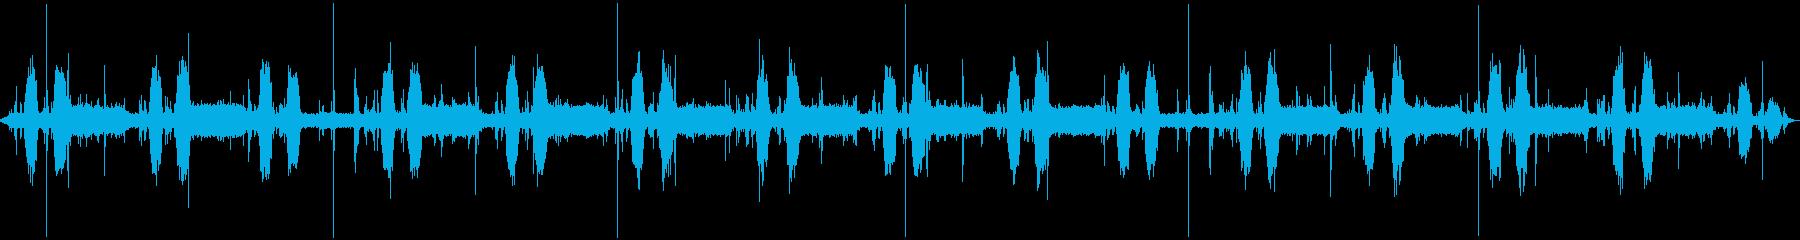 CDハンドリングマシン:ランニング...の再生済みの波形